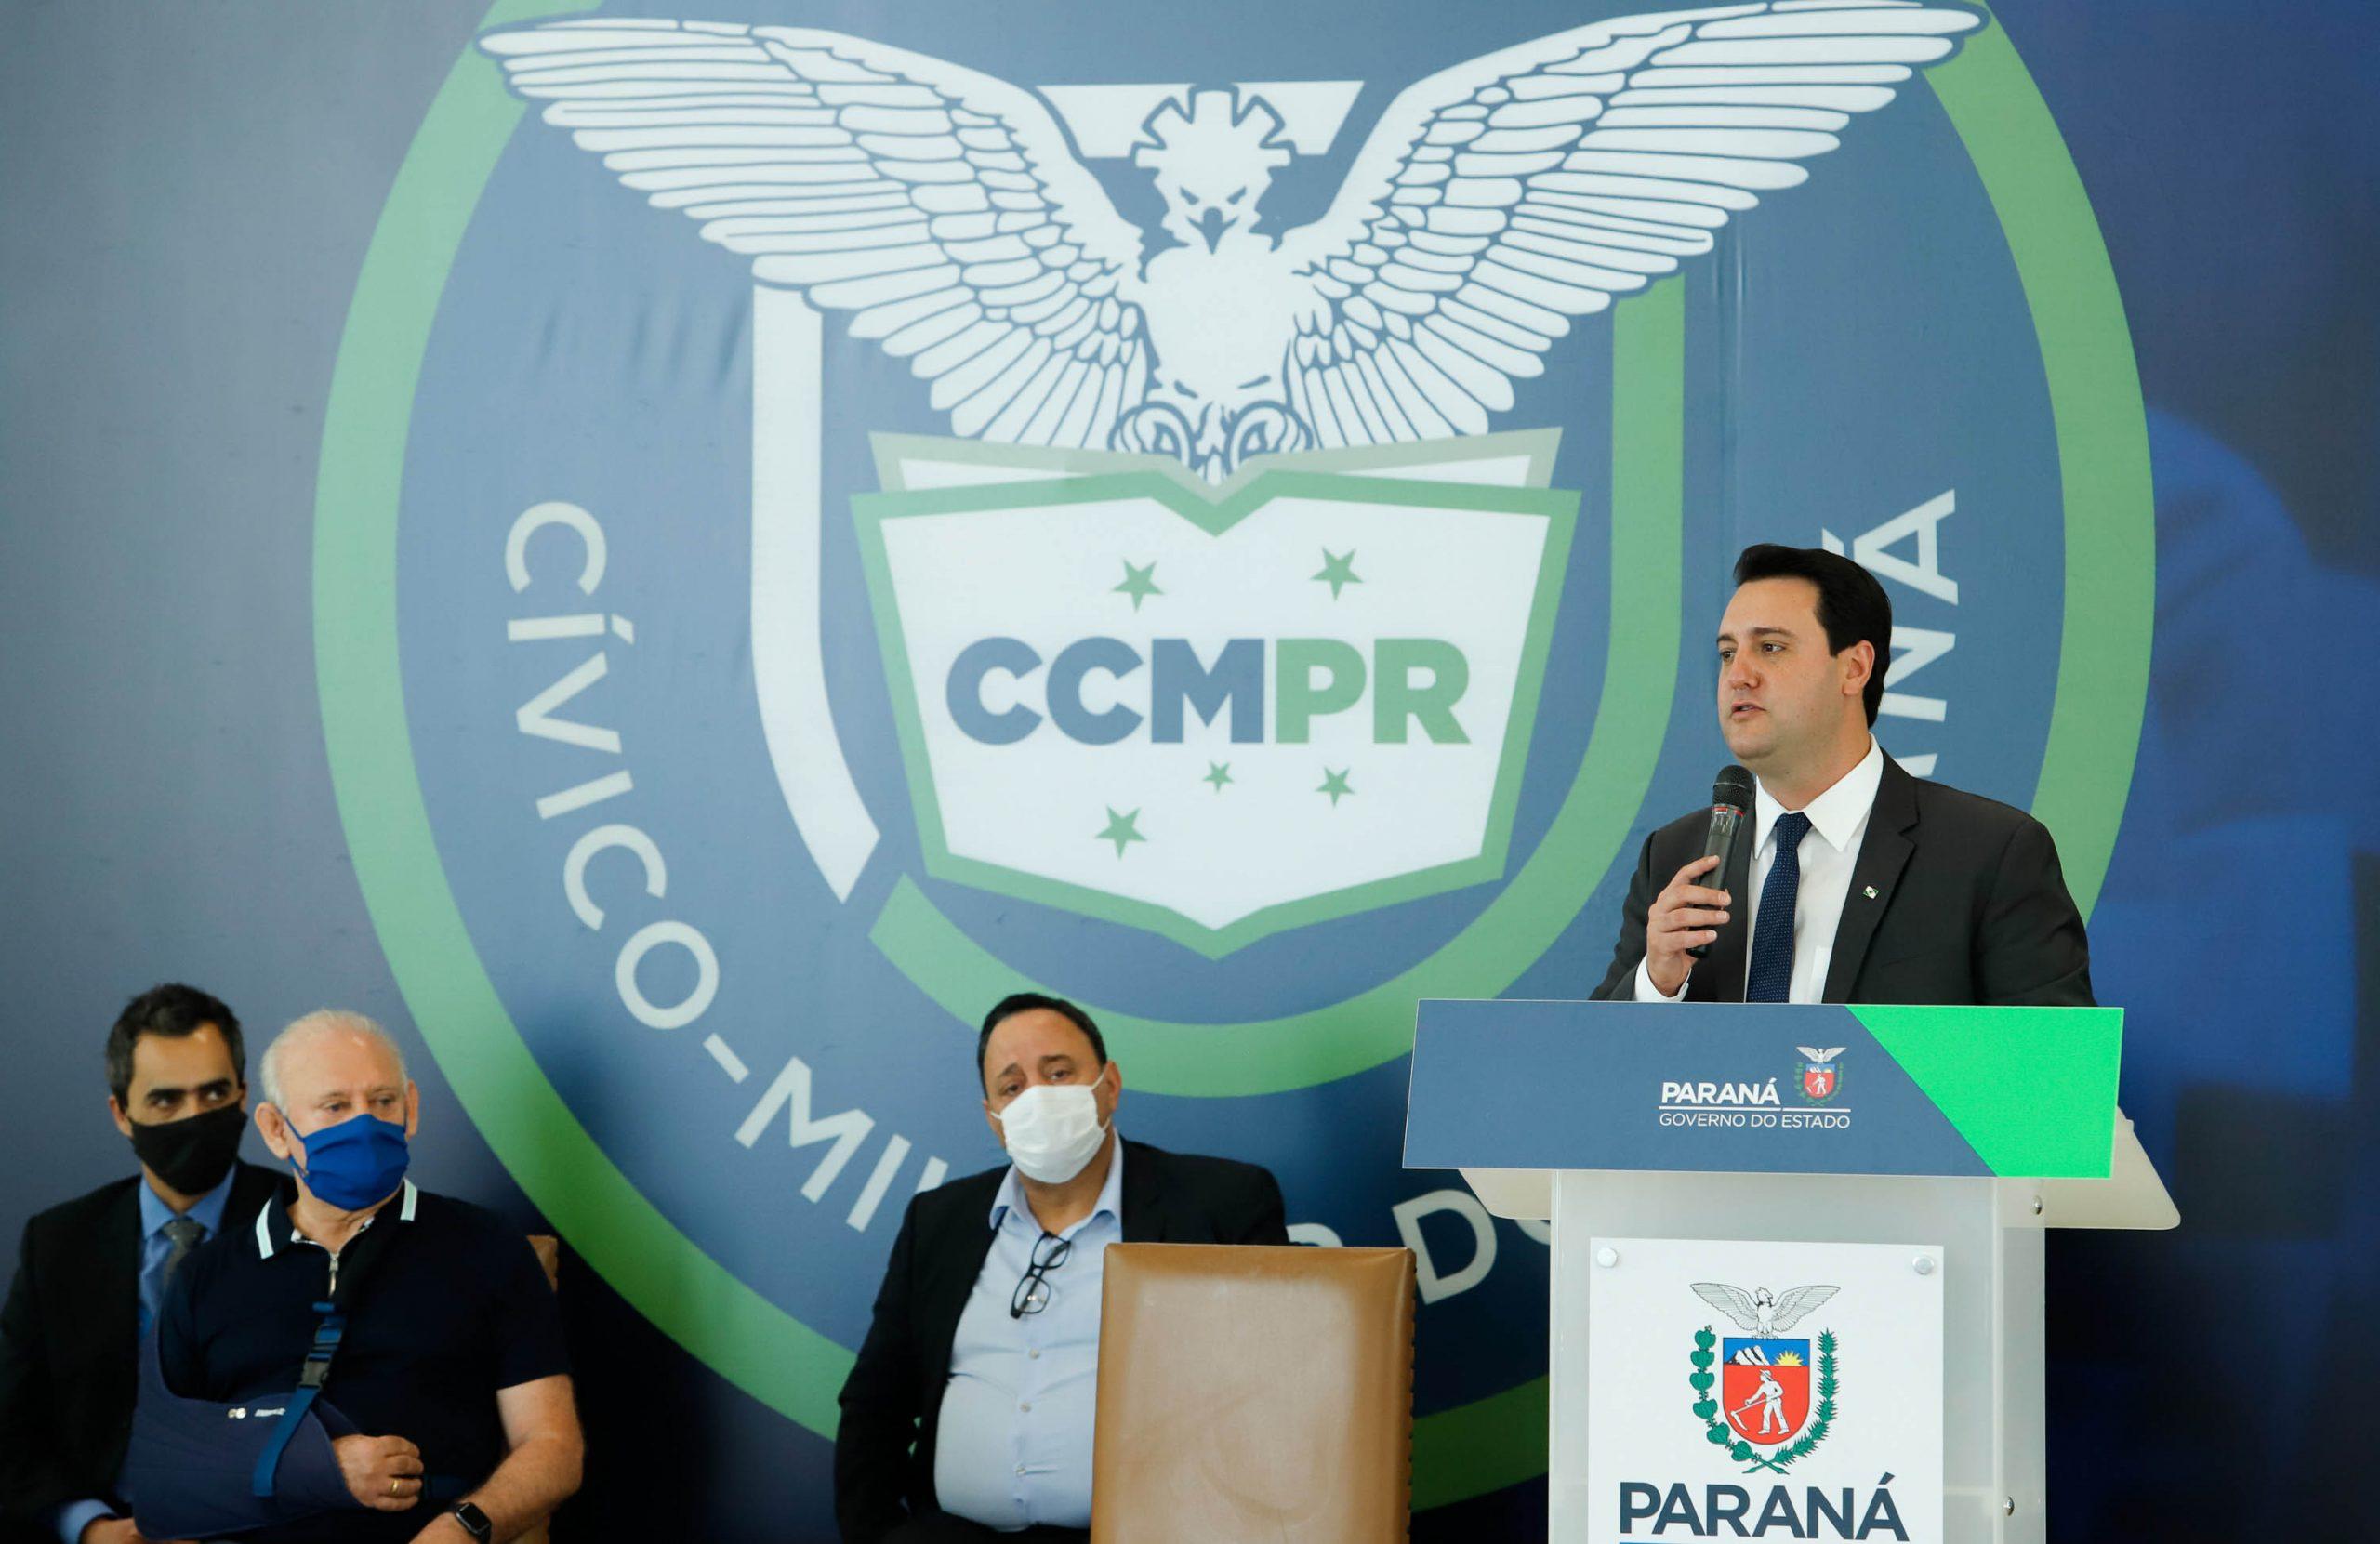 Litoral será contemplado com programa estadual de metodologia cívico-militar